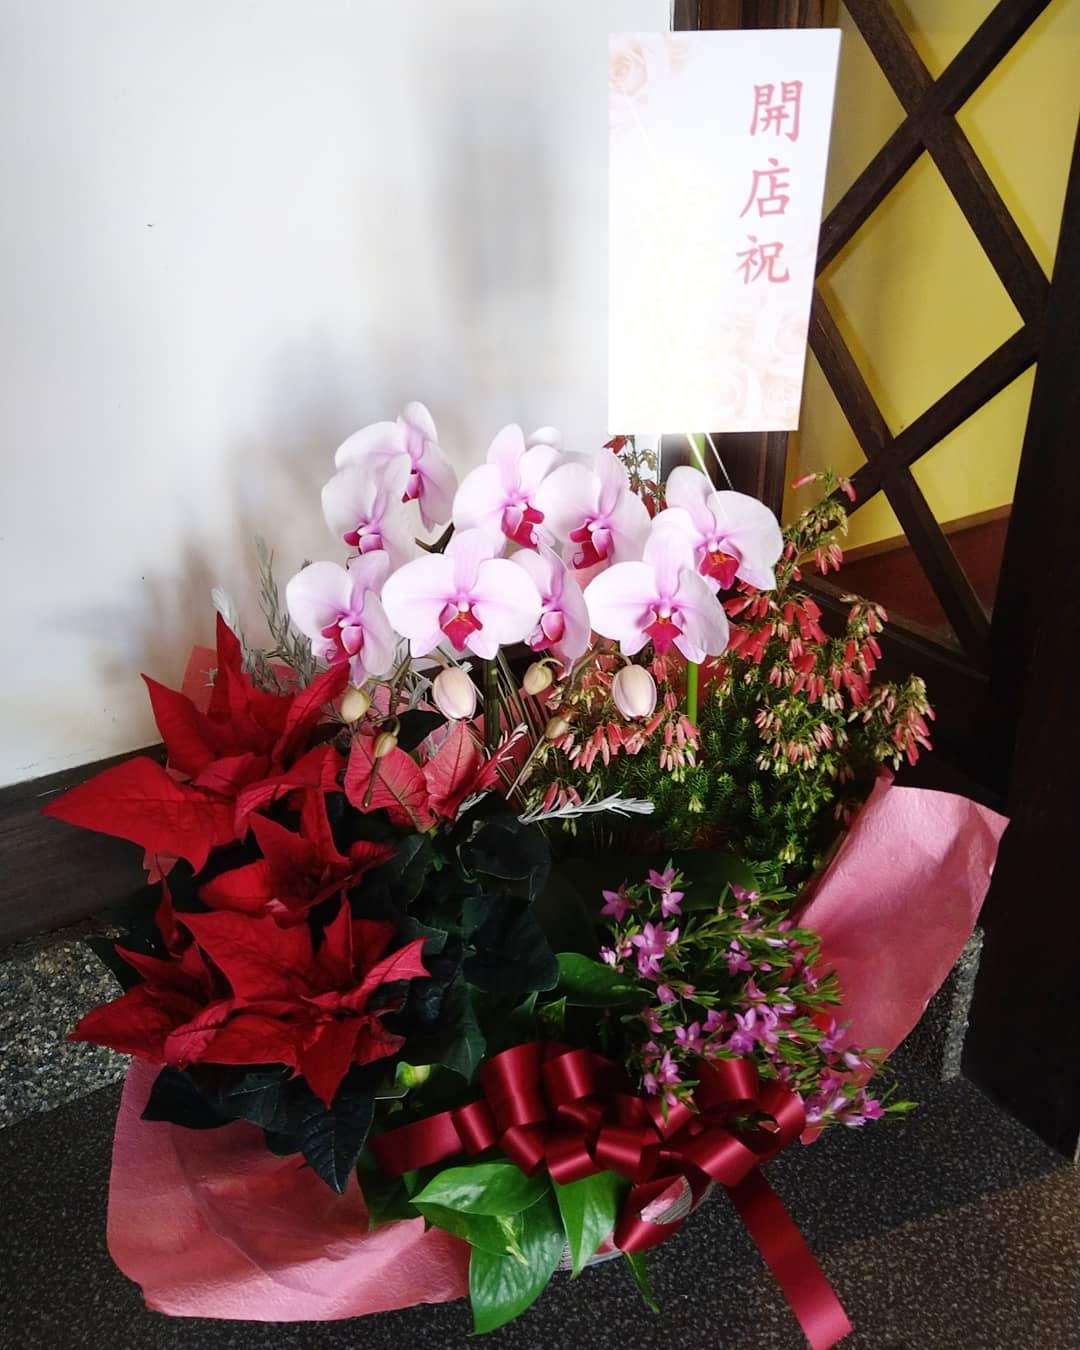 開店祝いに素敵なお花が届きました。 また店内が華やかになりました。 ありがとうございます。